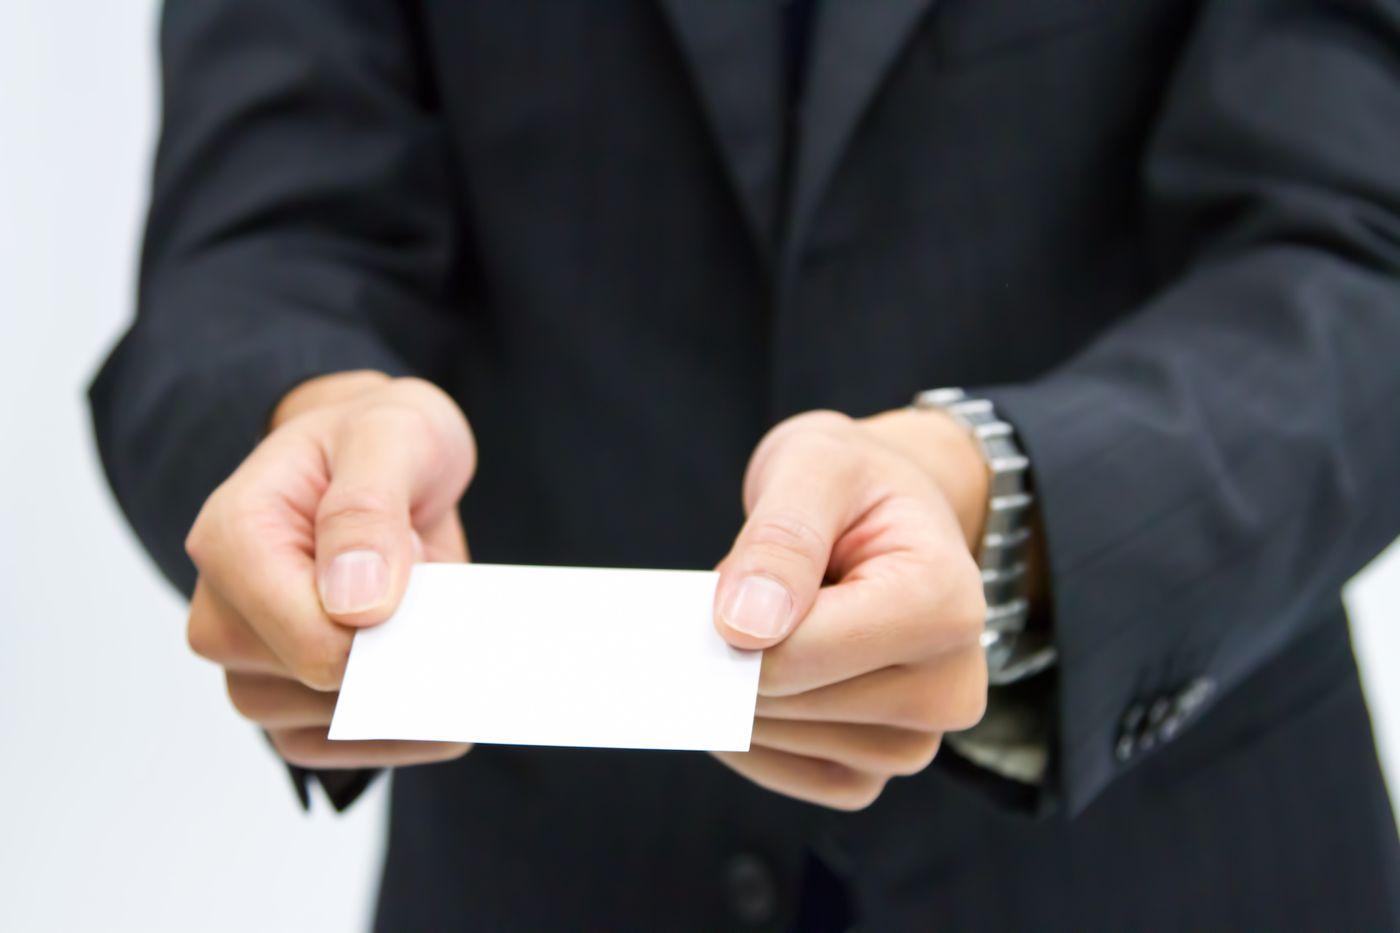 両手で名刺を渡すビジネスマンの写真